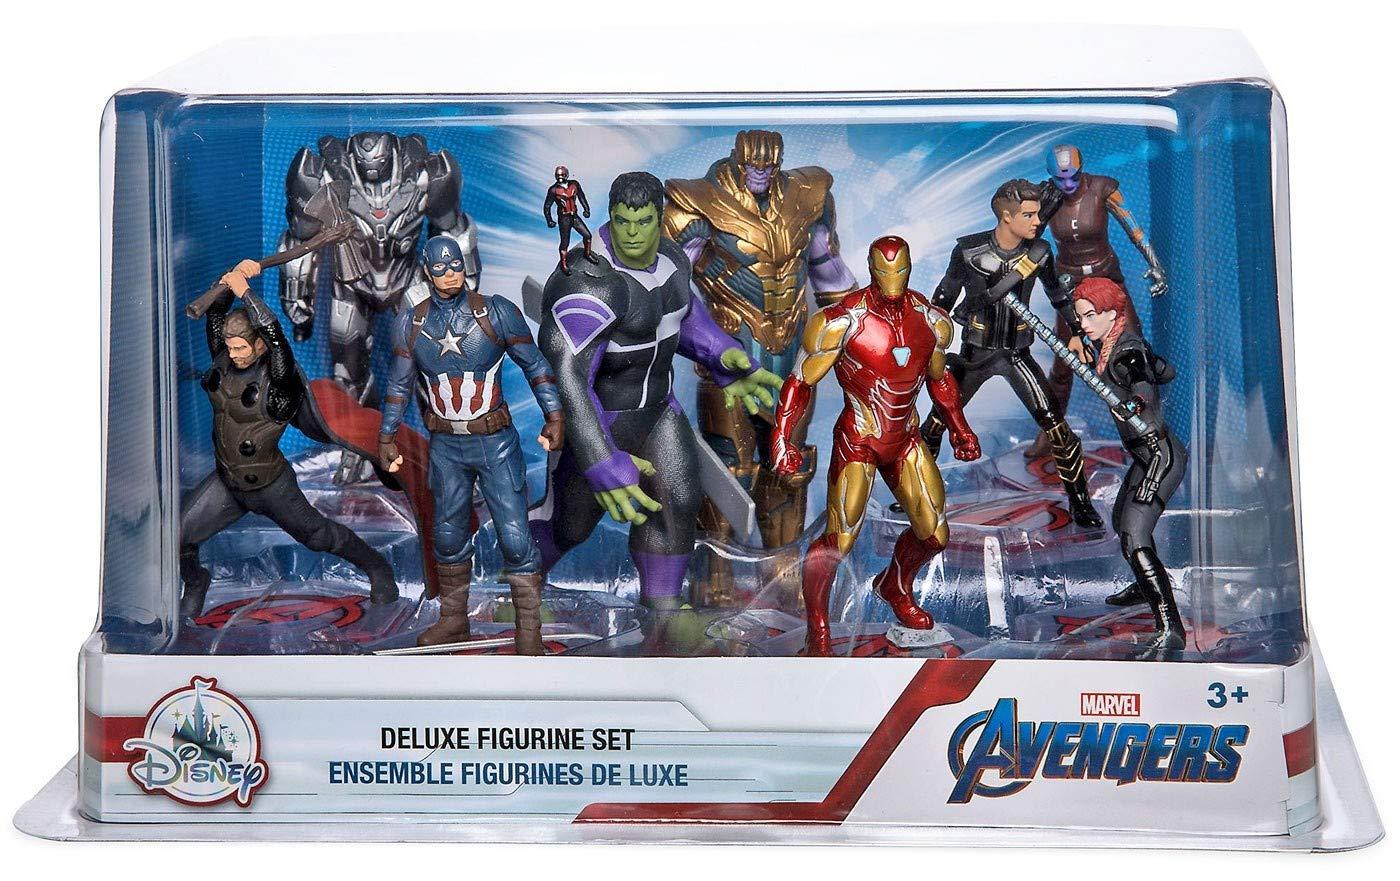 Marvel Avengers Deluxe Figurine Set Avengers  Endgame